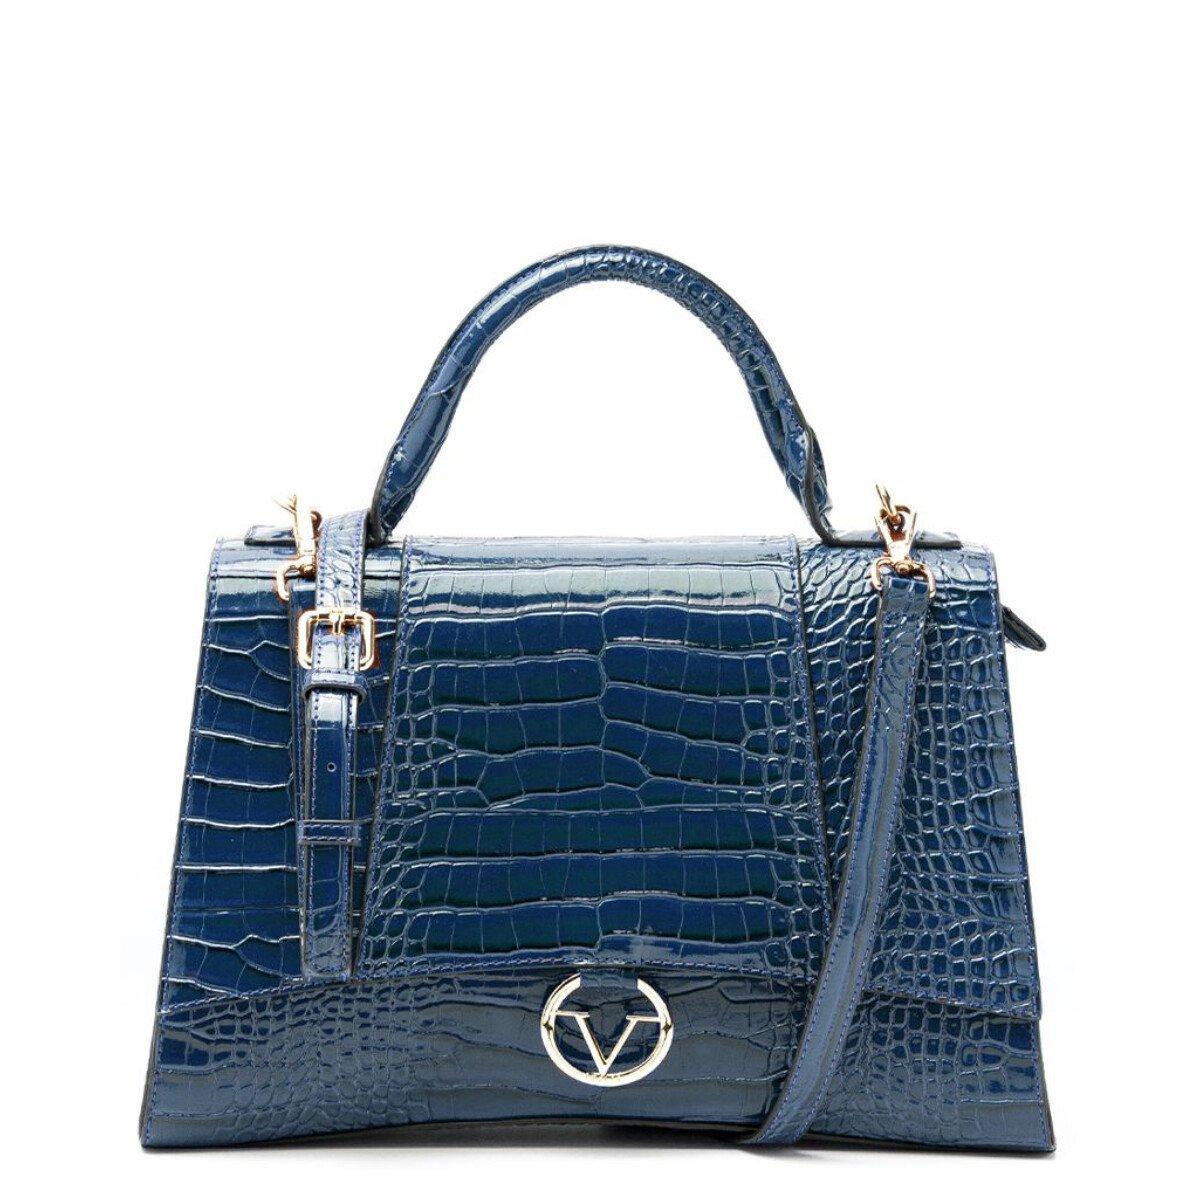 19v69 Italia Women's Handbag Various Colours 319022 - blue UNICA